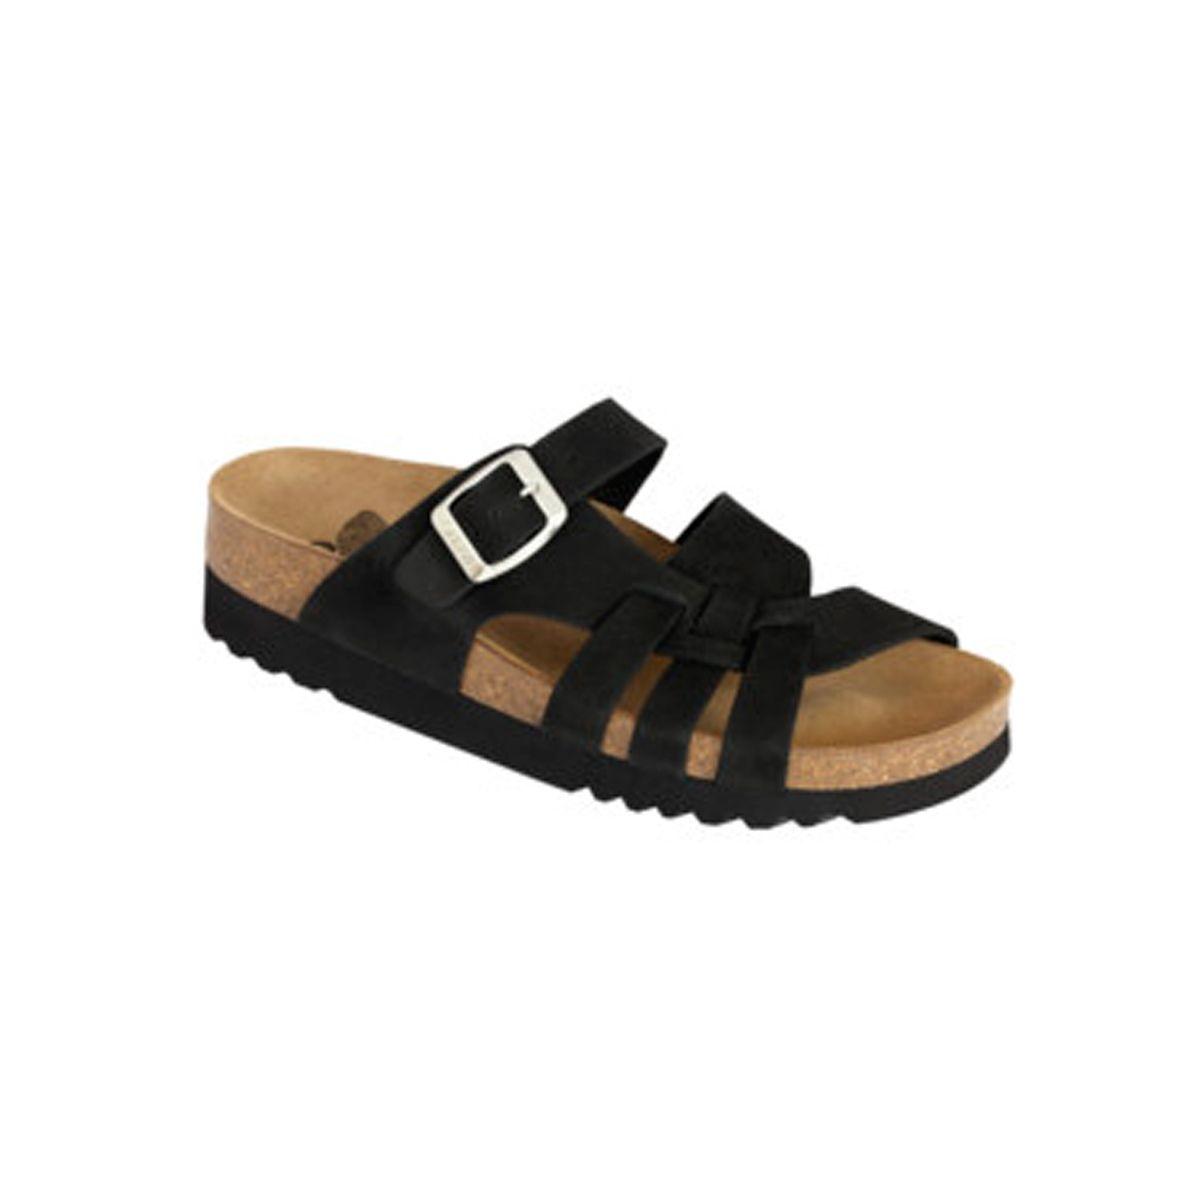 Køb Scholl Carsol sandaler billigt hos med24.dk